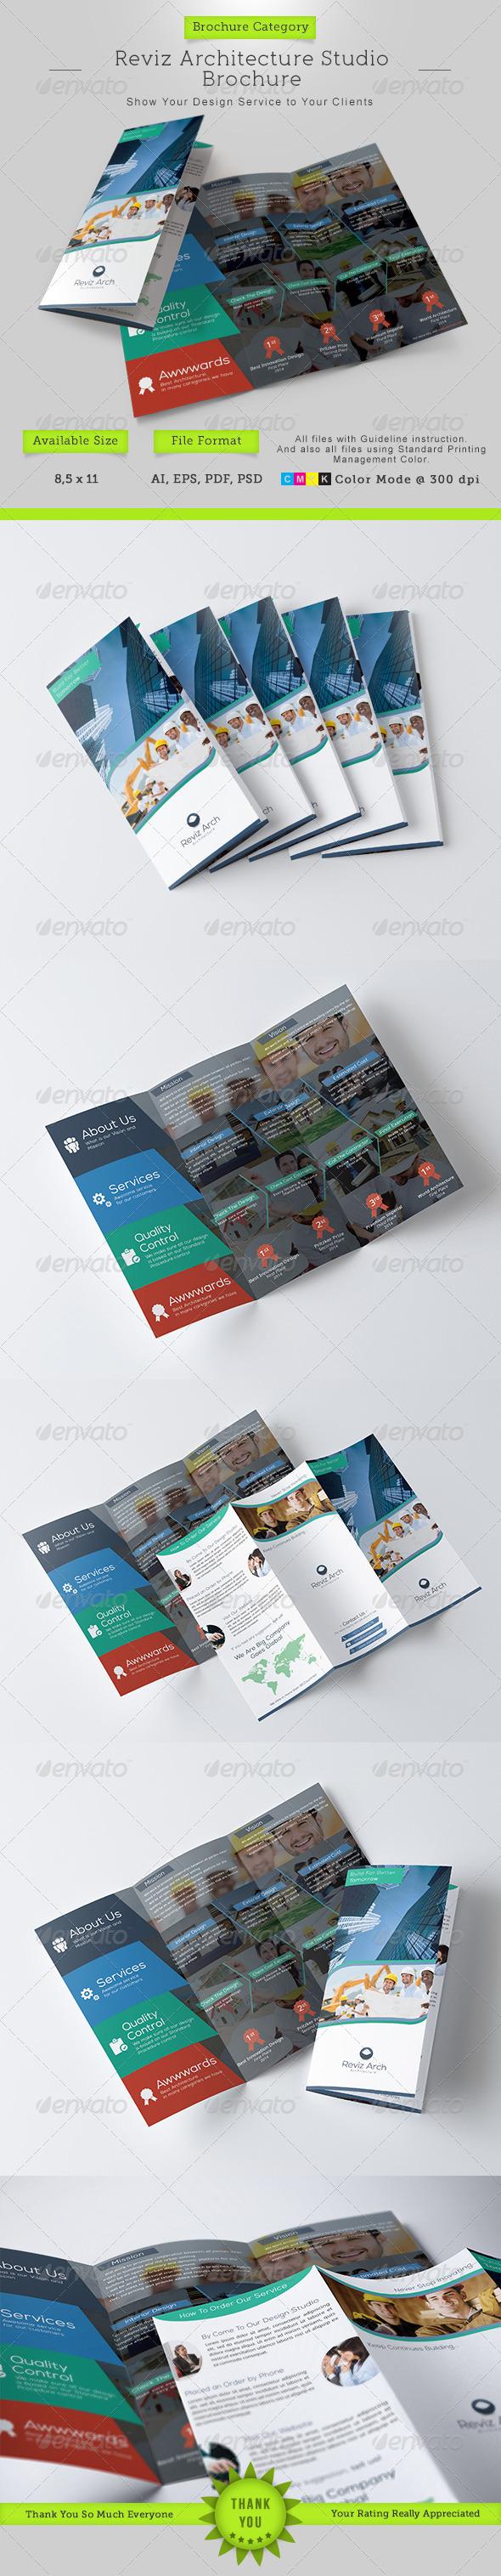 GraphicRiver Reviz Architecture Studio Trifold Brochure 8697340